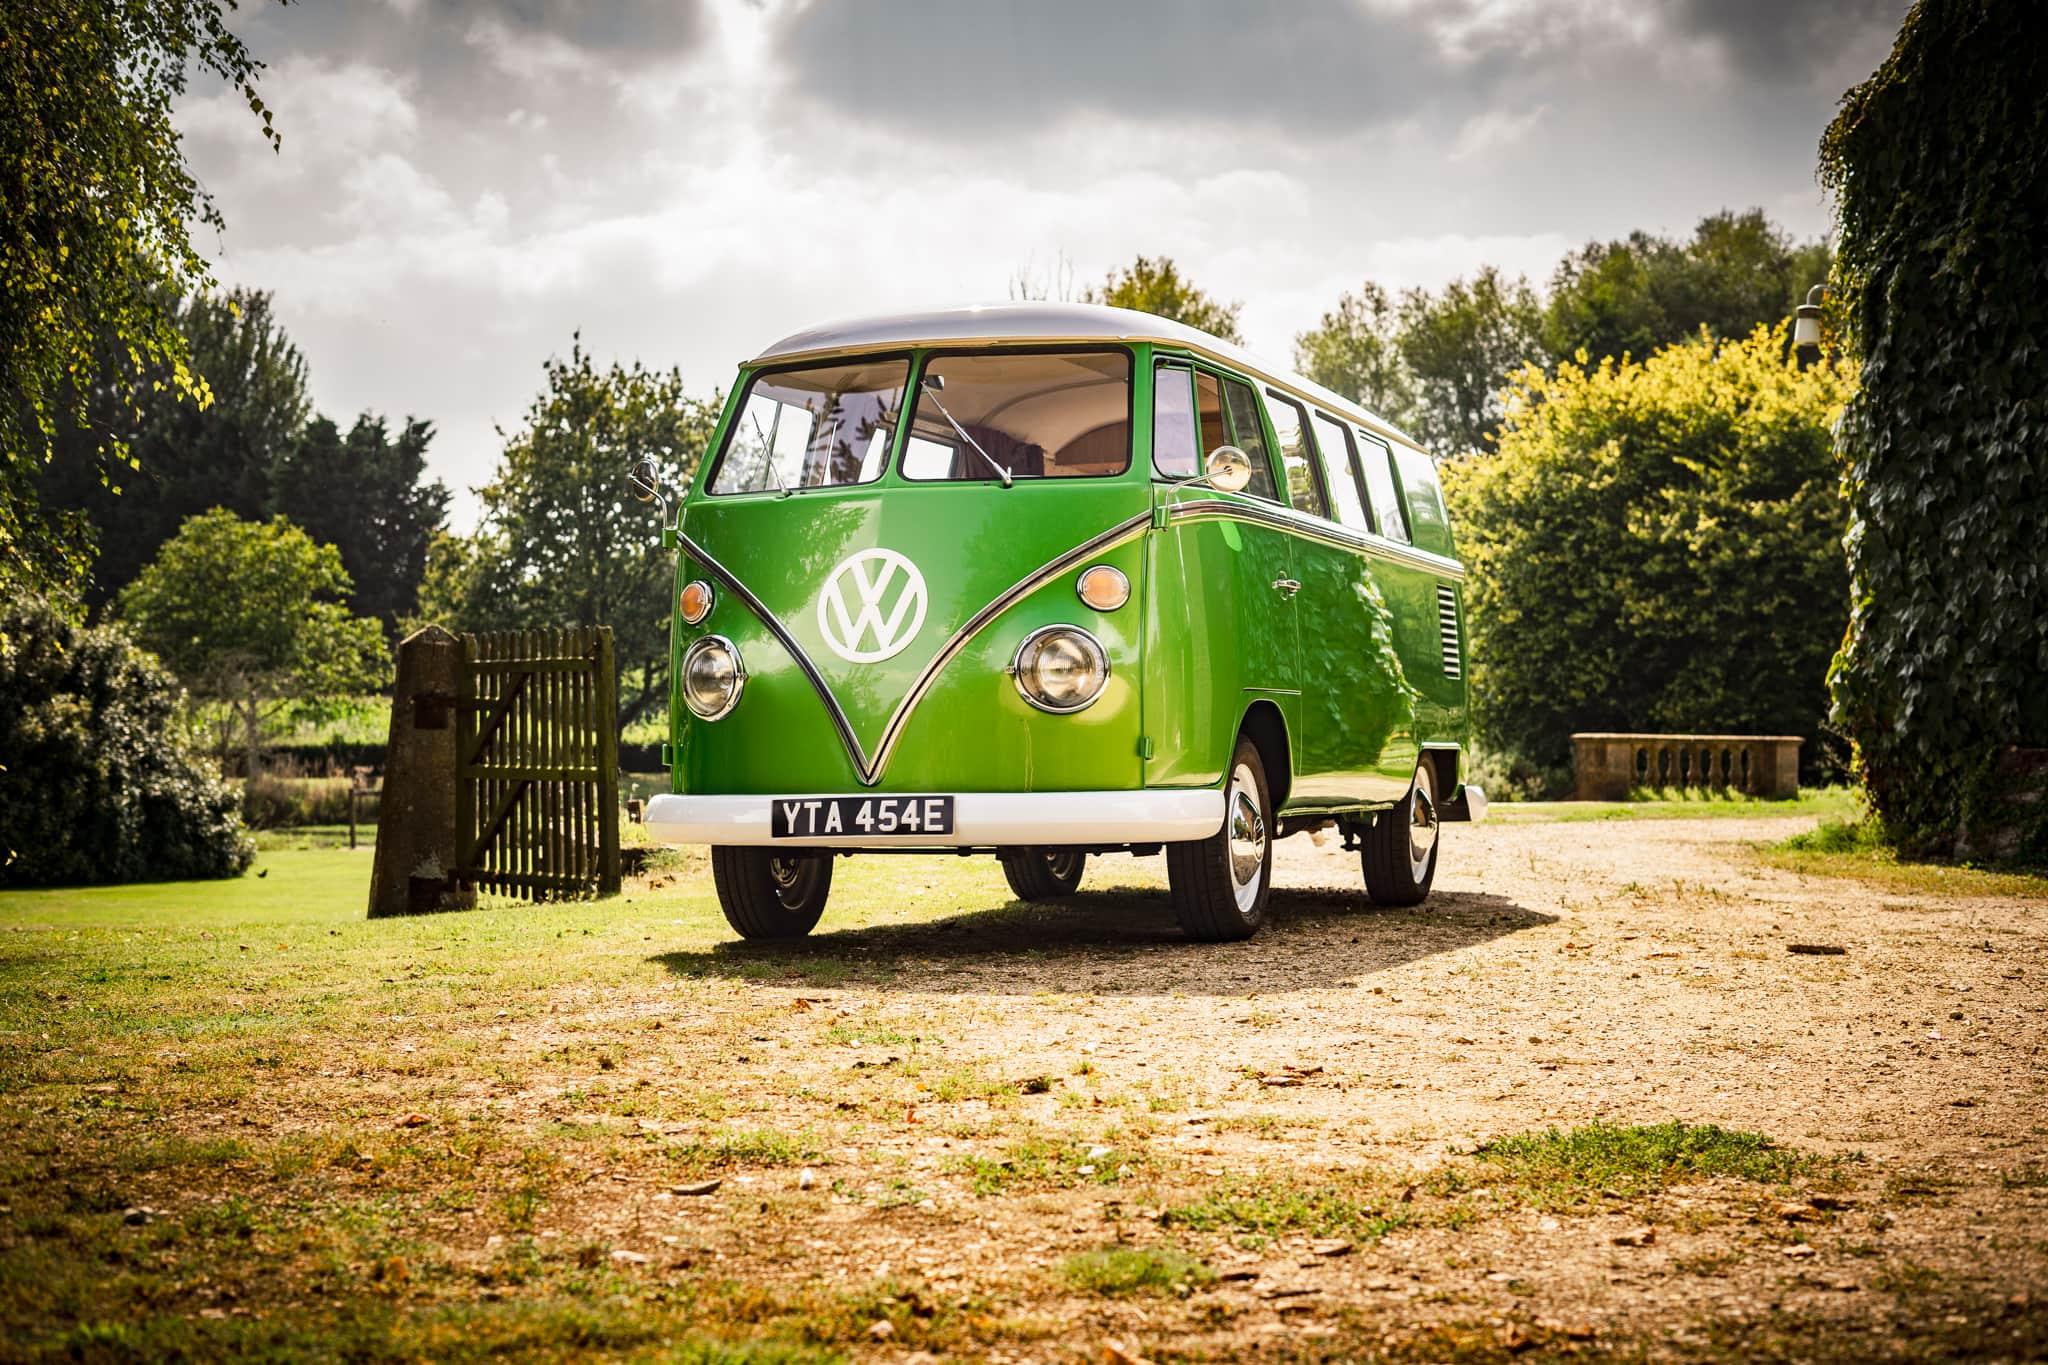 Hattie the VW Splitscreen - Absolute Stunner - 13th Sep